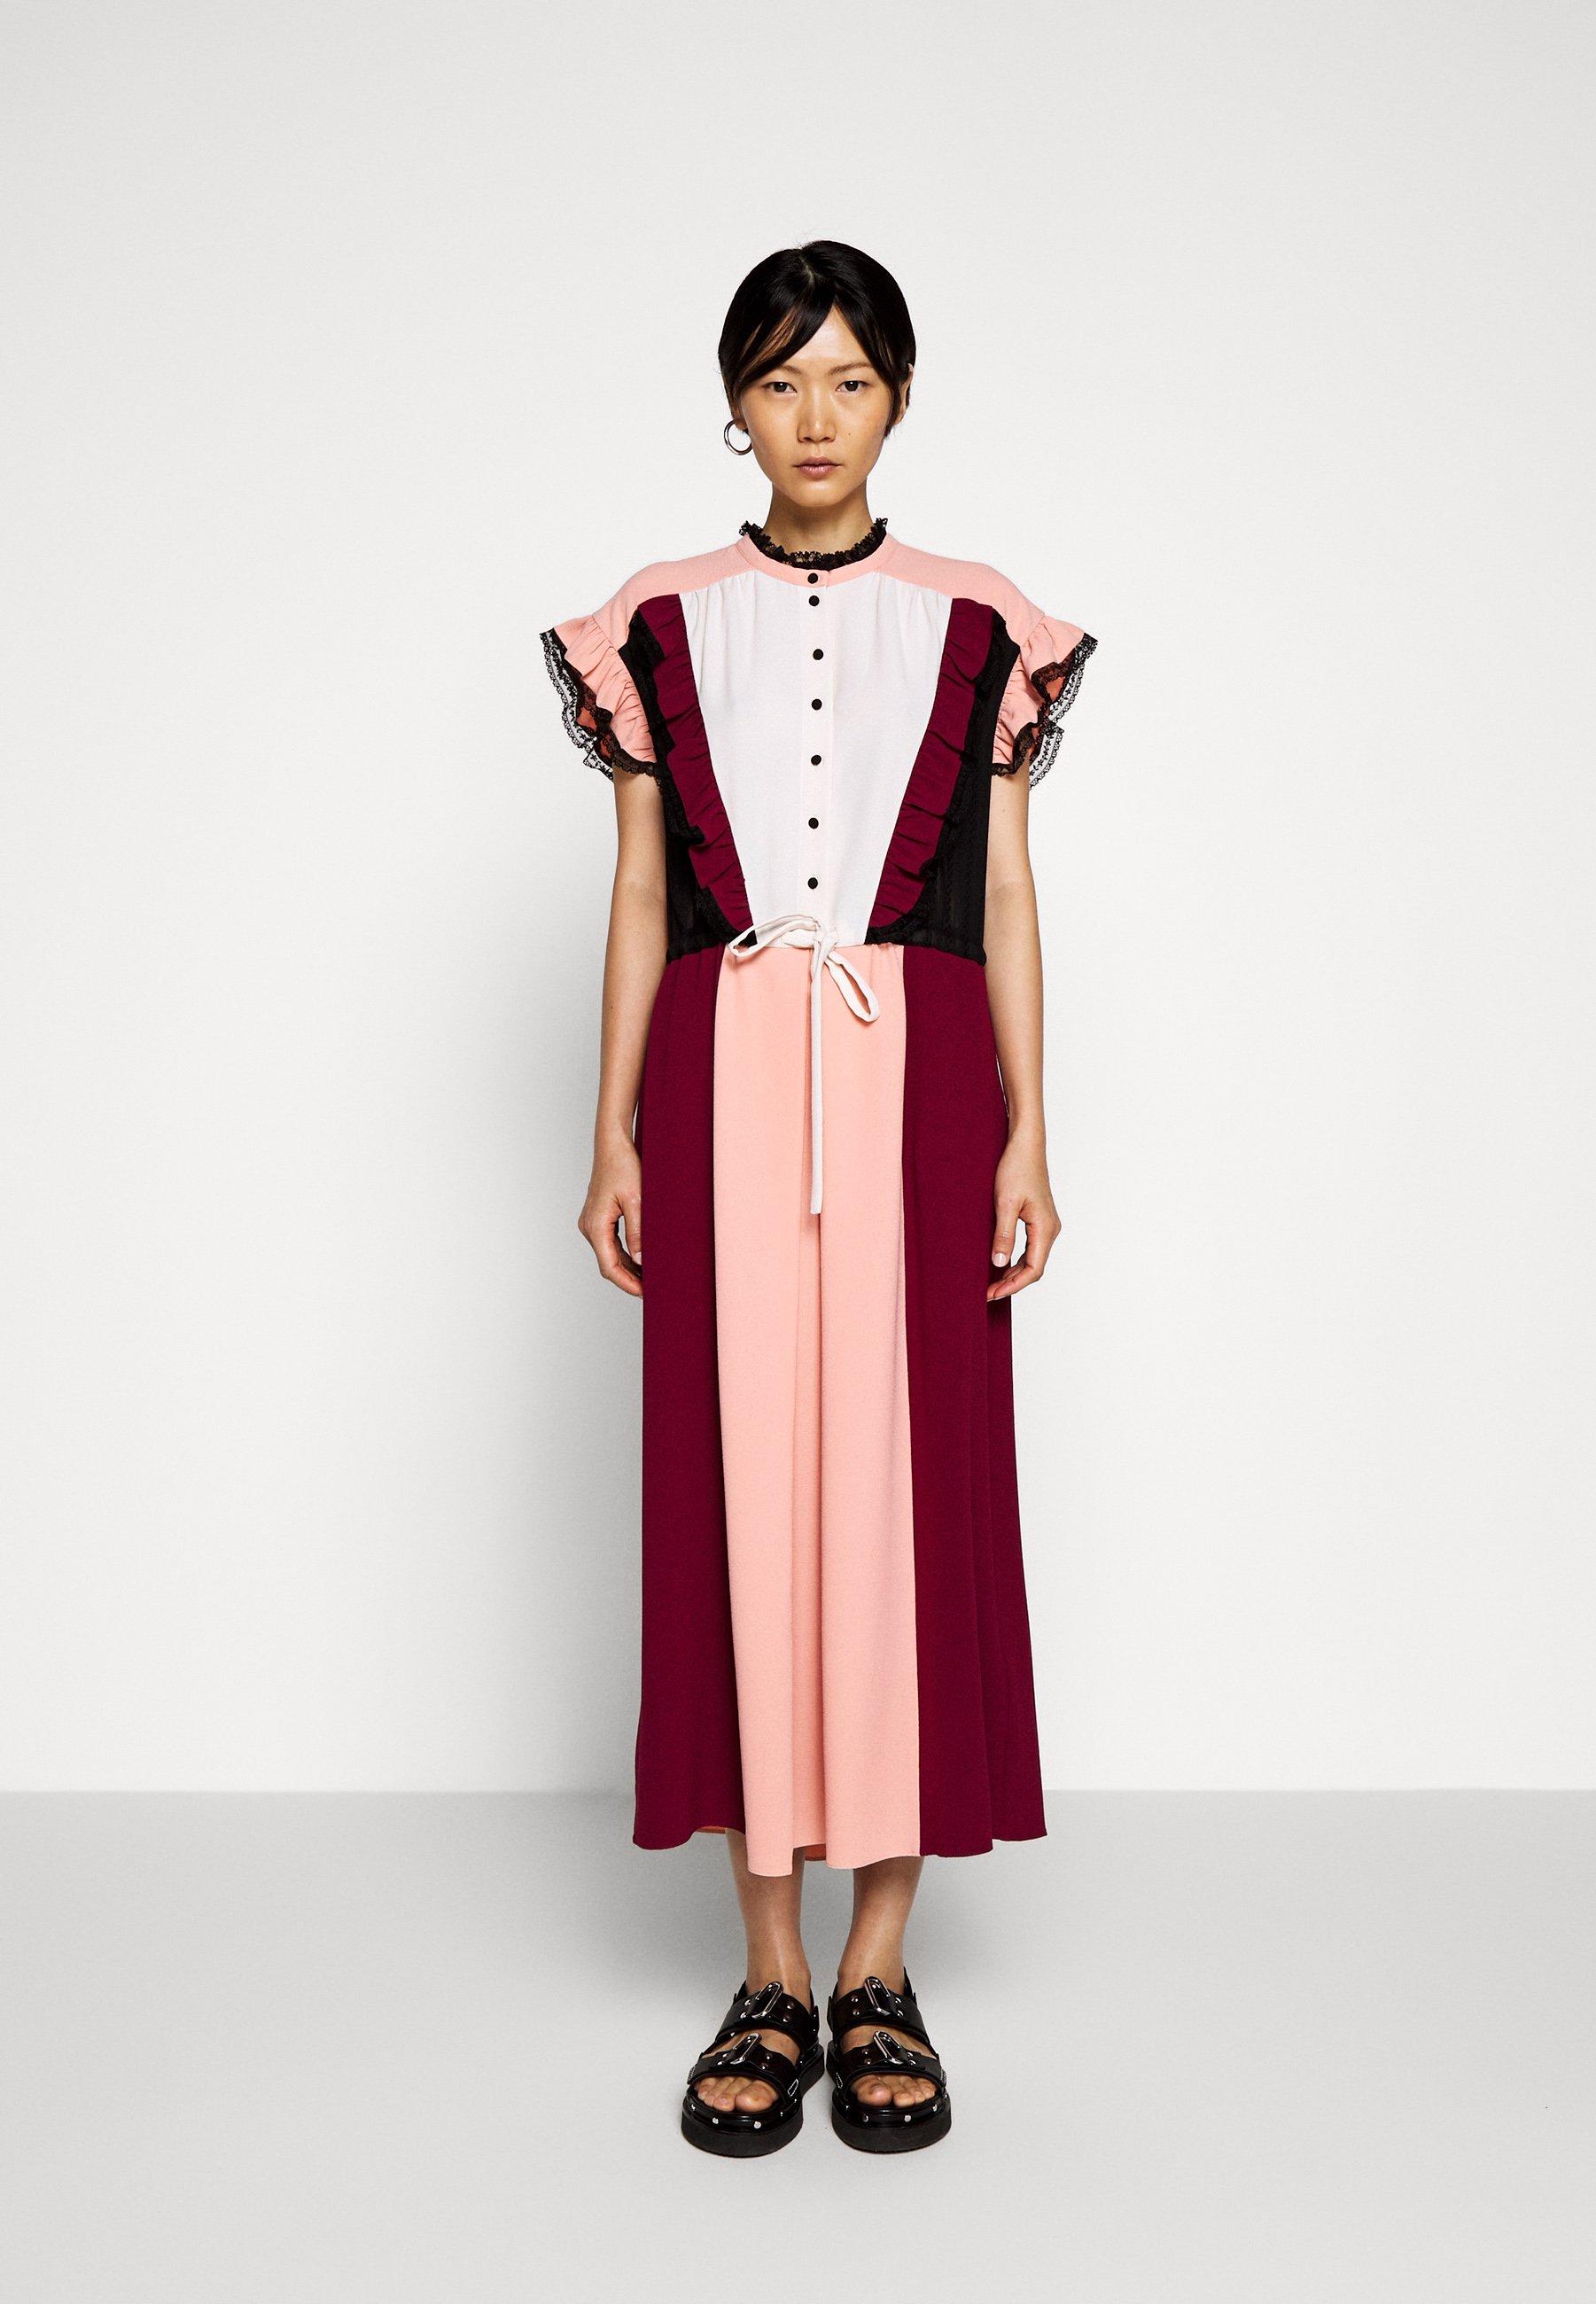 New Women's Clothing Hofmann Copenhagen MAGRITTE Shirt dress wild berry L8S5WcjLF